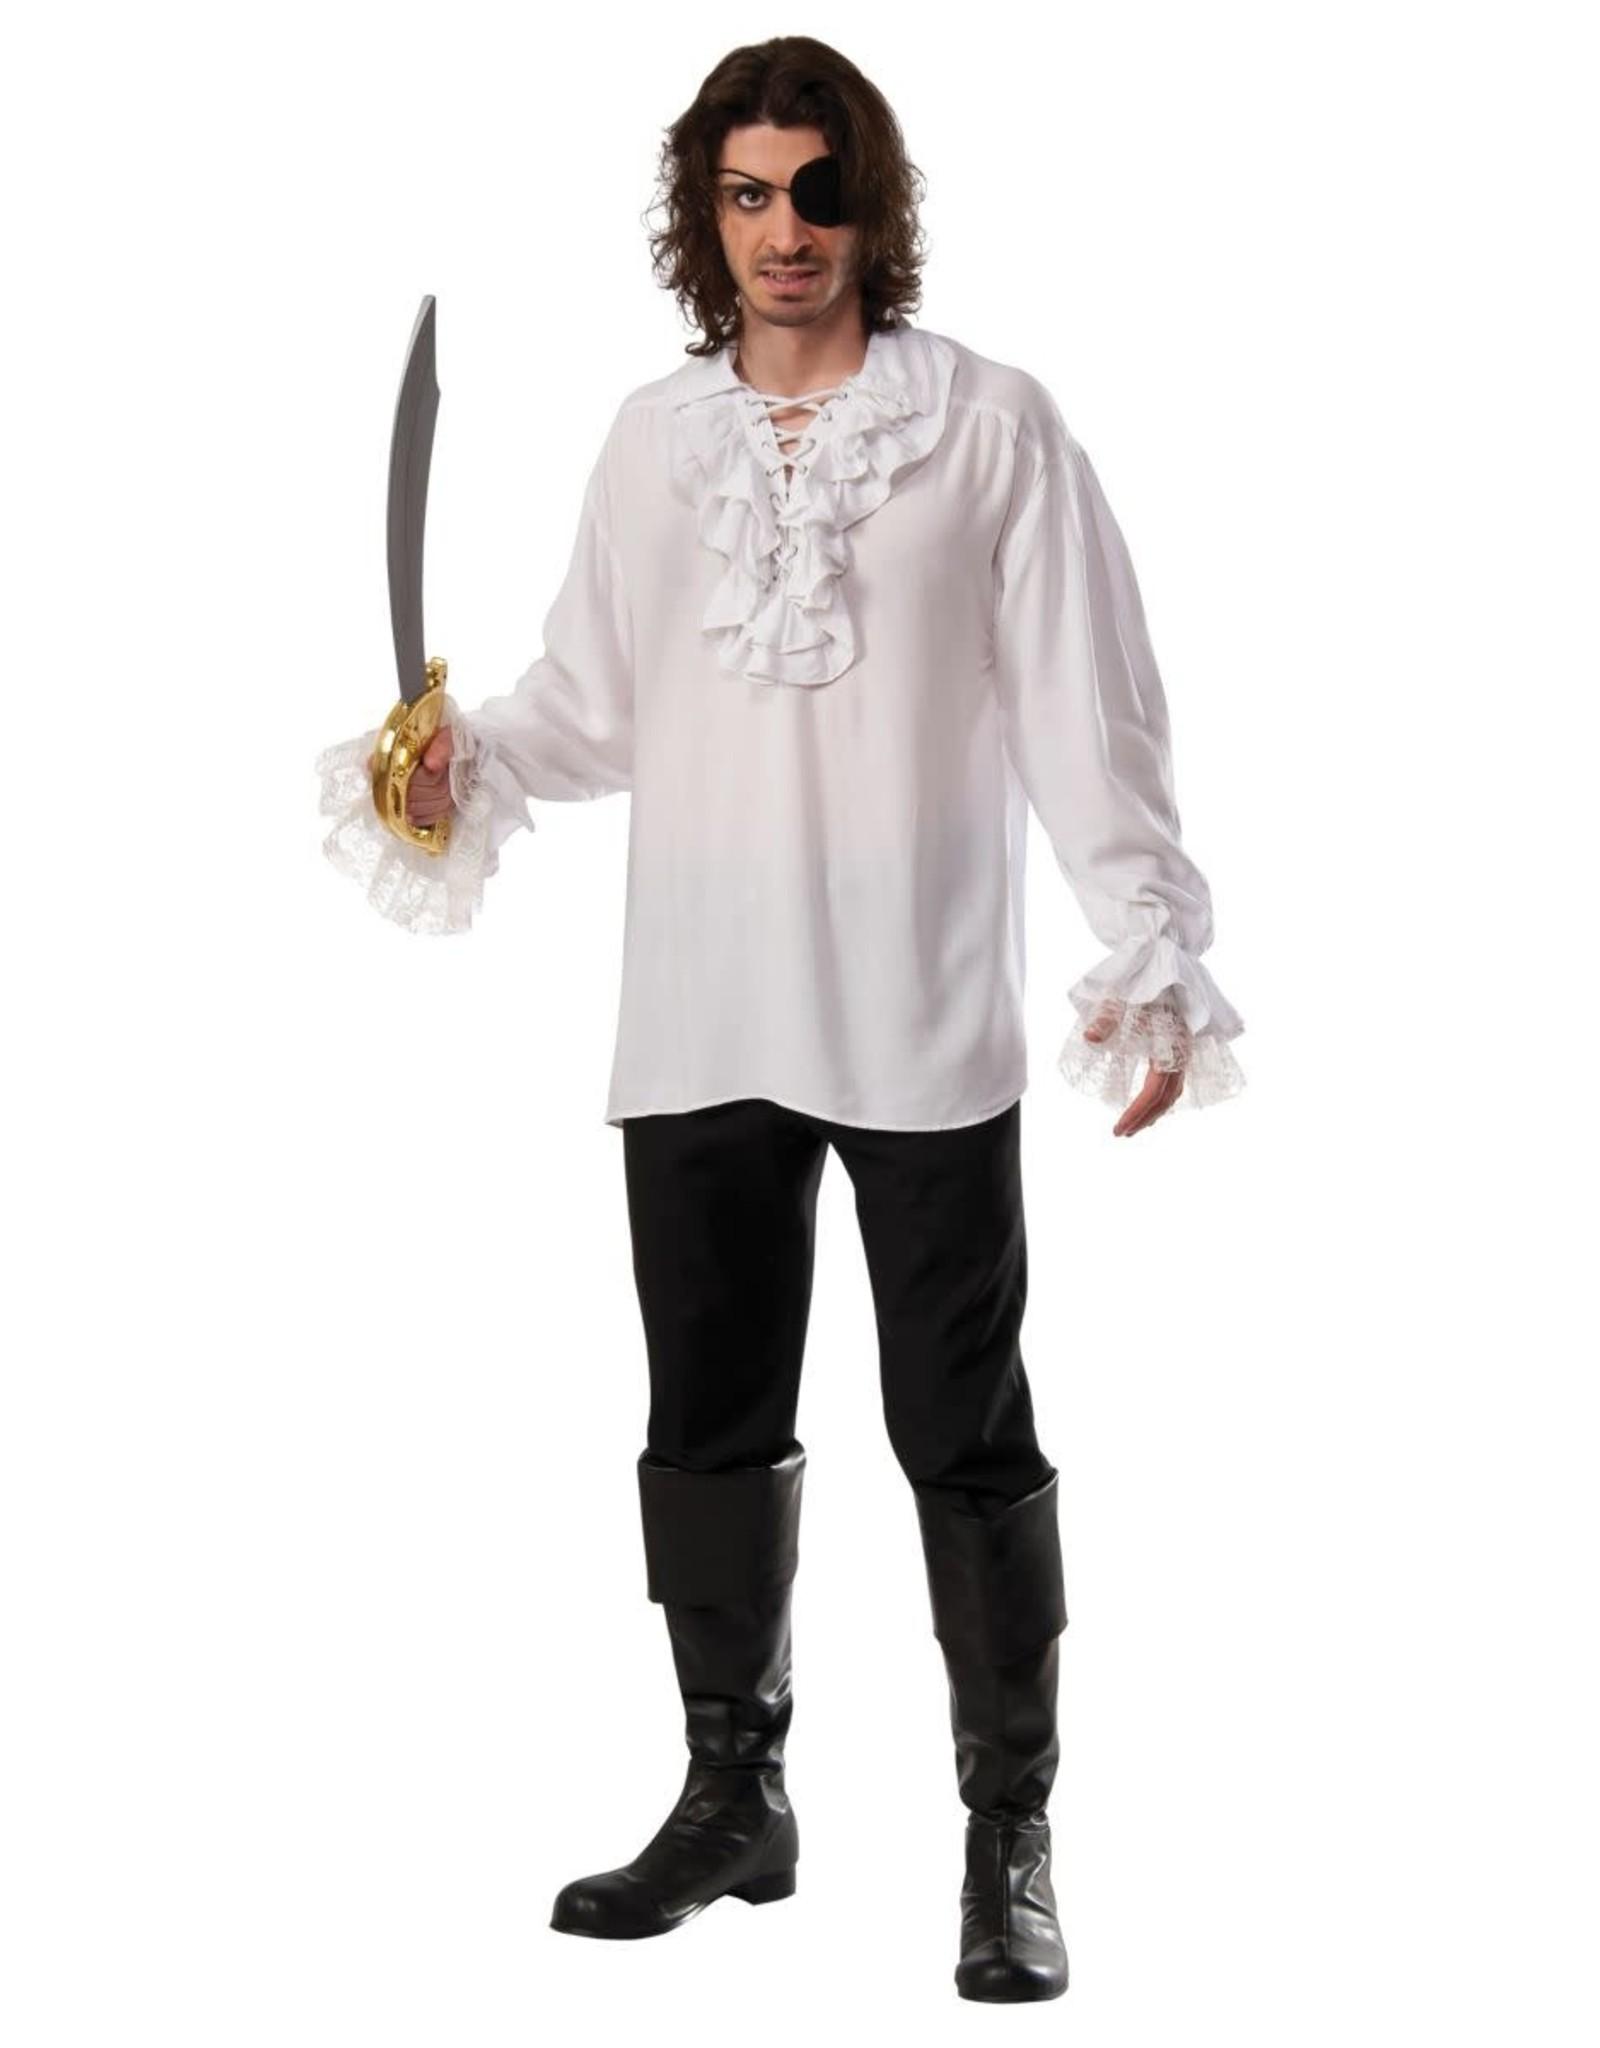 Rubies Costume Ruffled White Pirate Shirt